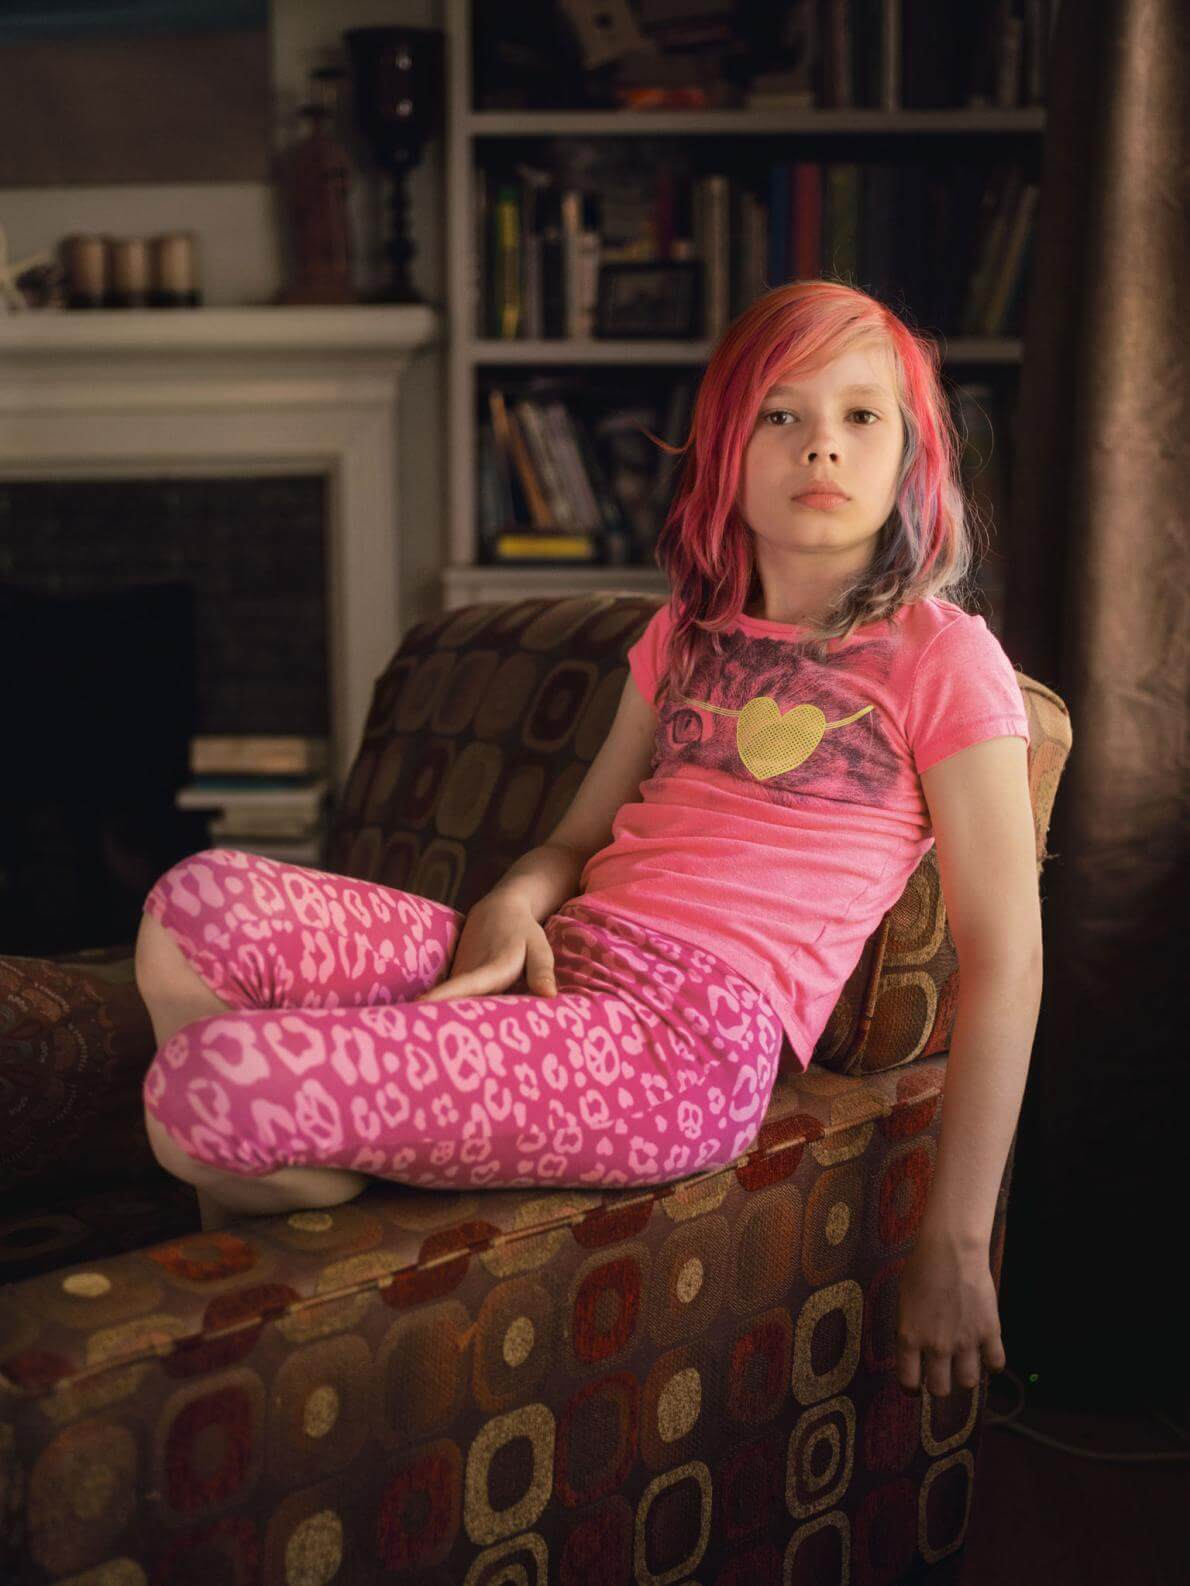 Ейвері Джексон, перша дитина трансгендер на обкладинці журналу